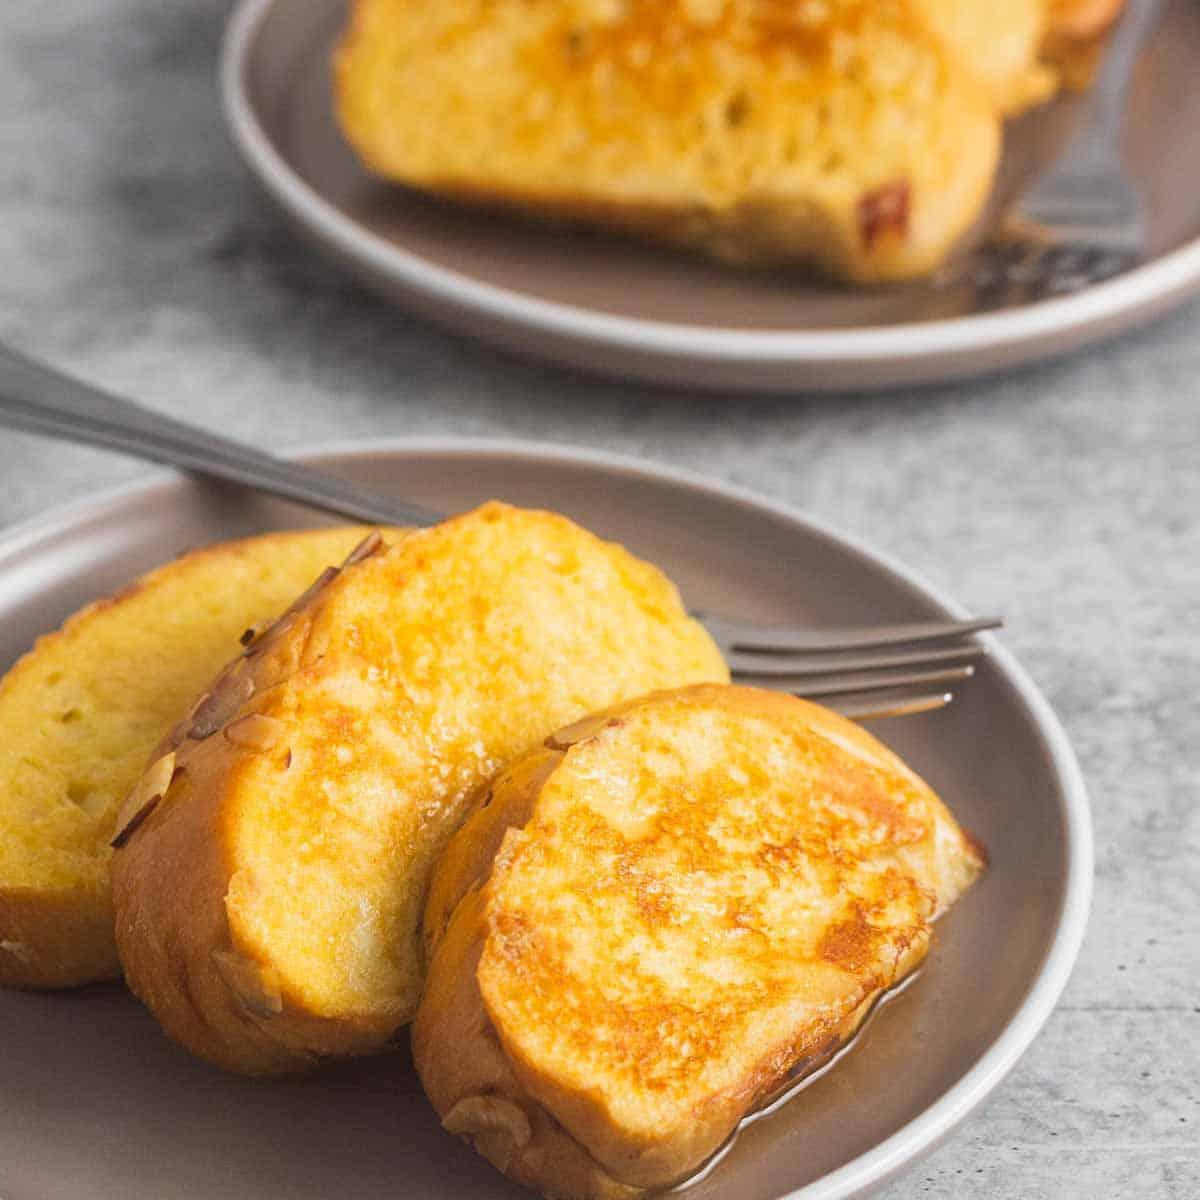 tostadas francesas servidas en plato